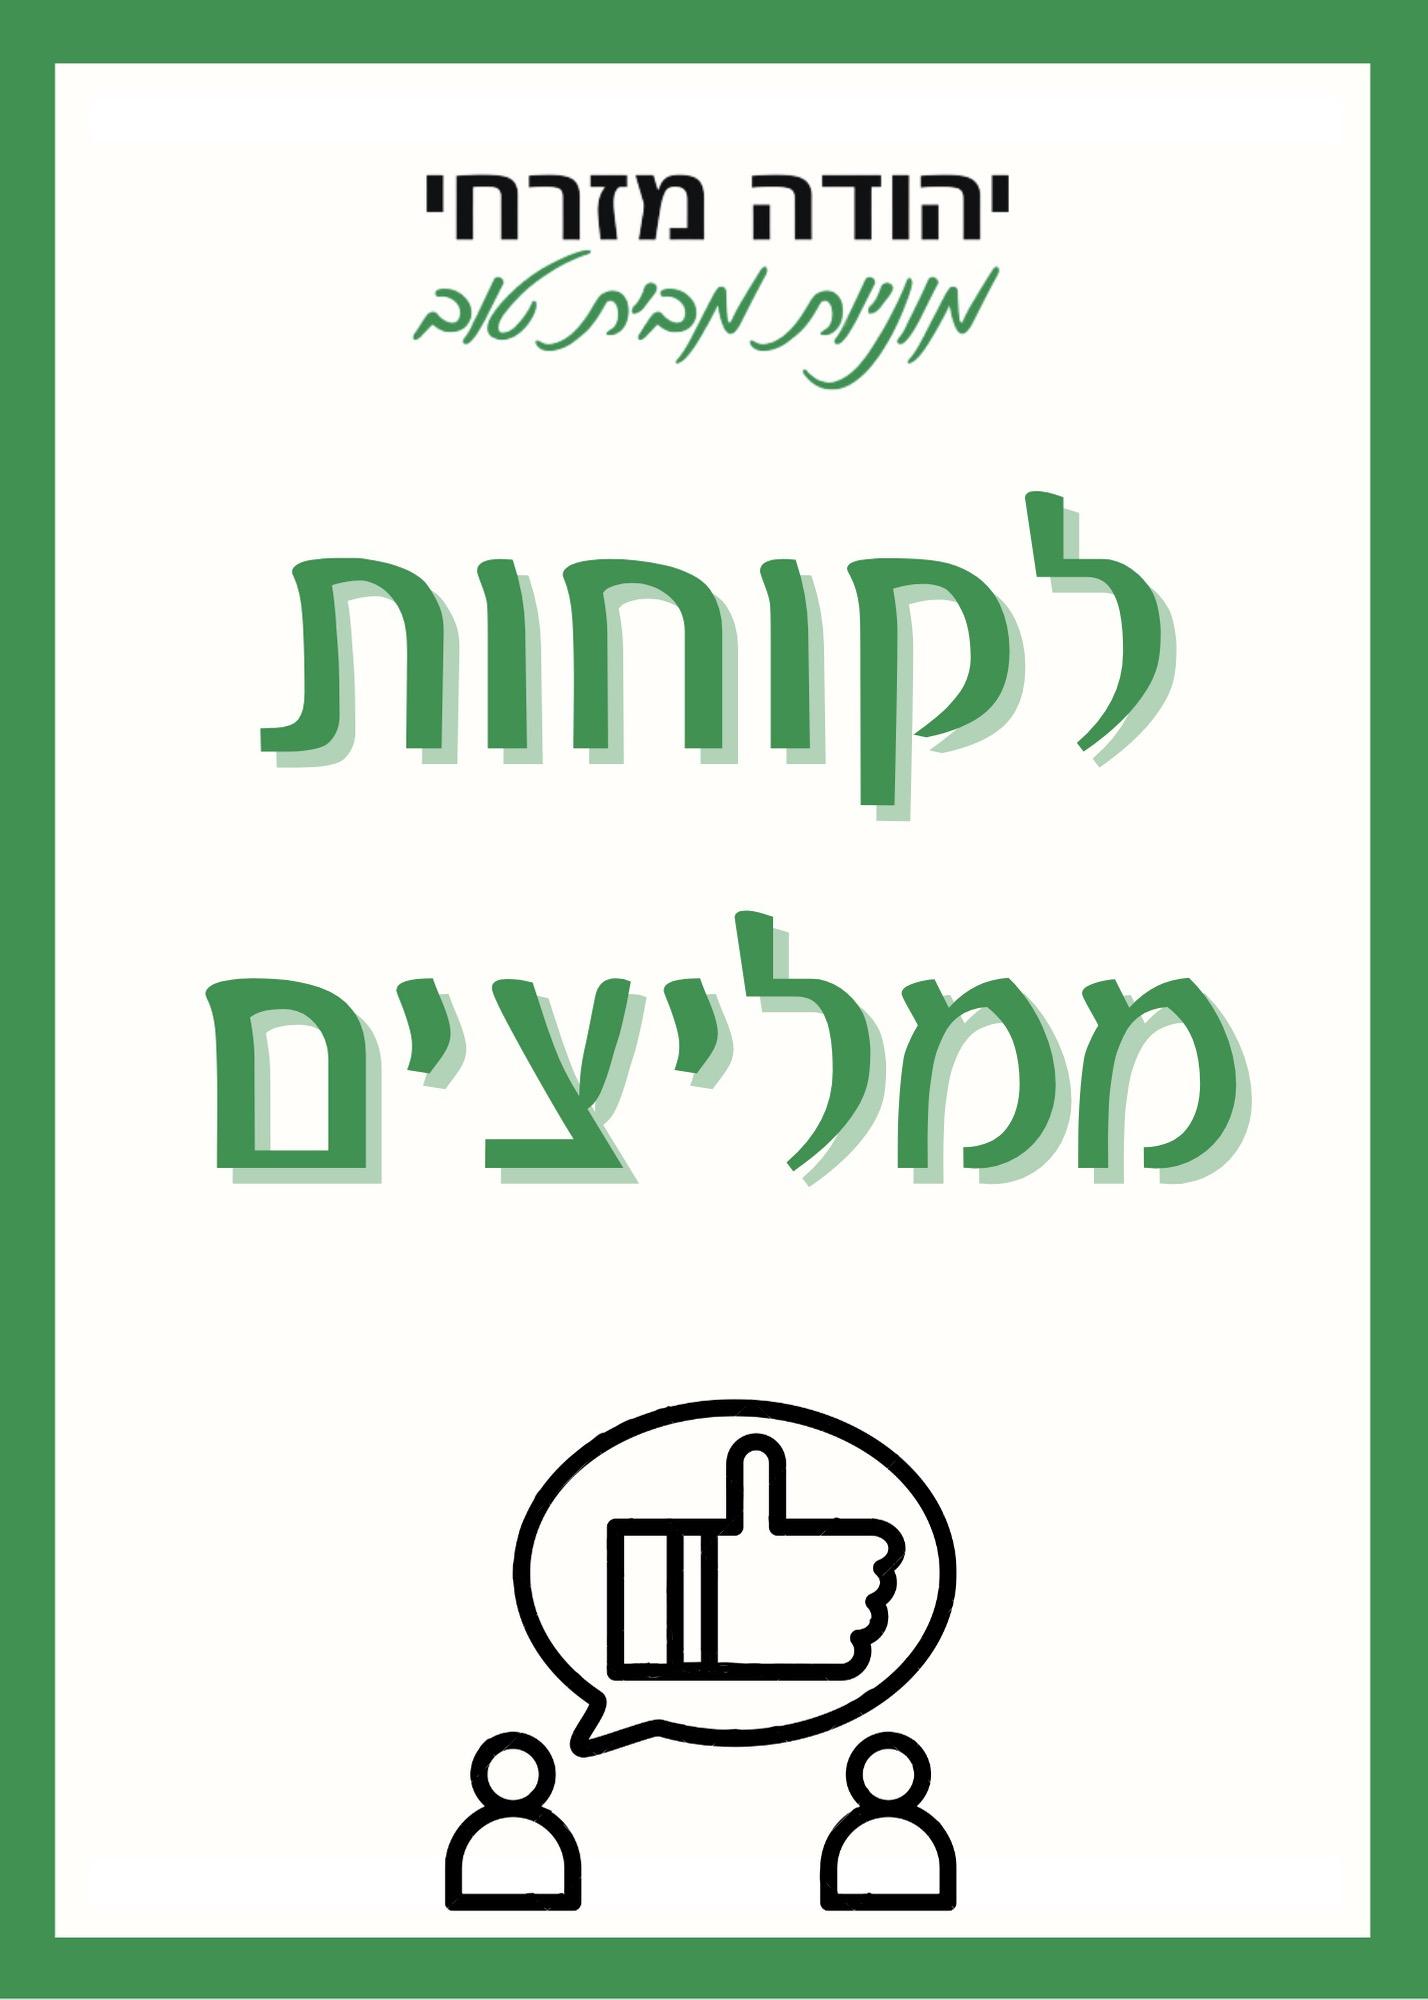 לקוחות ממליצים יהודה מזרחי